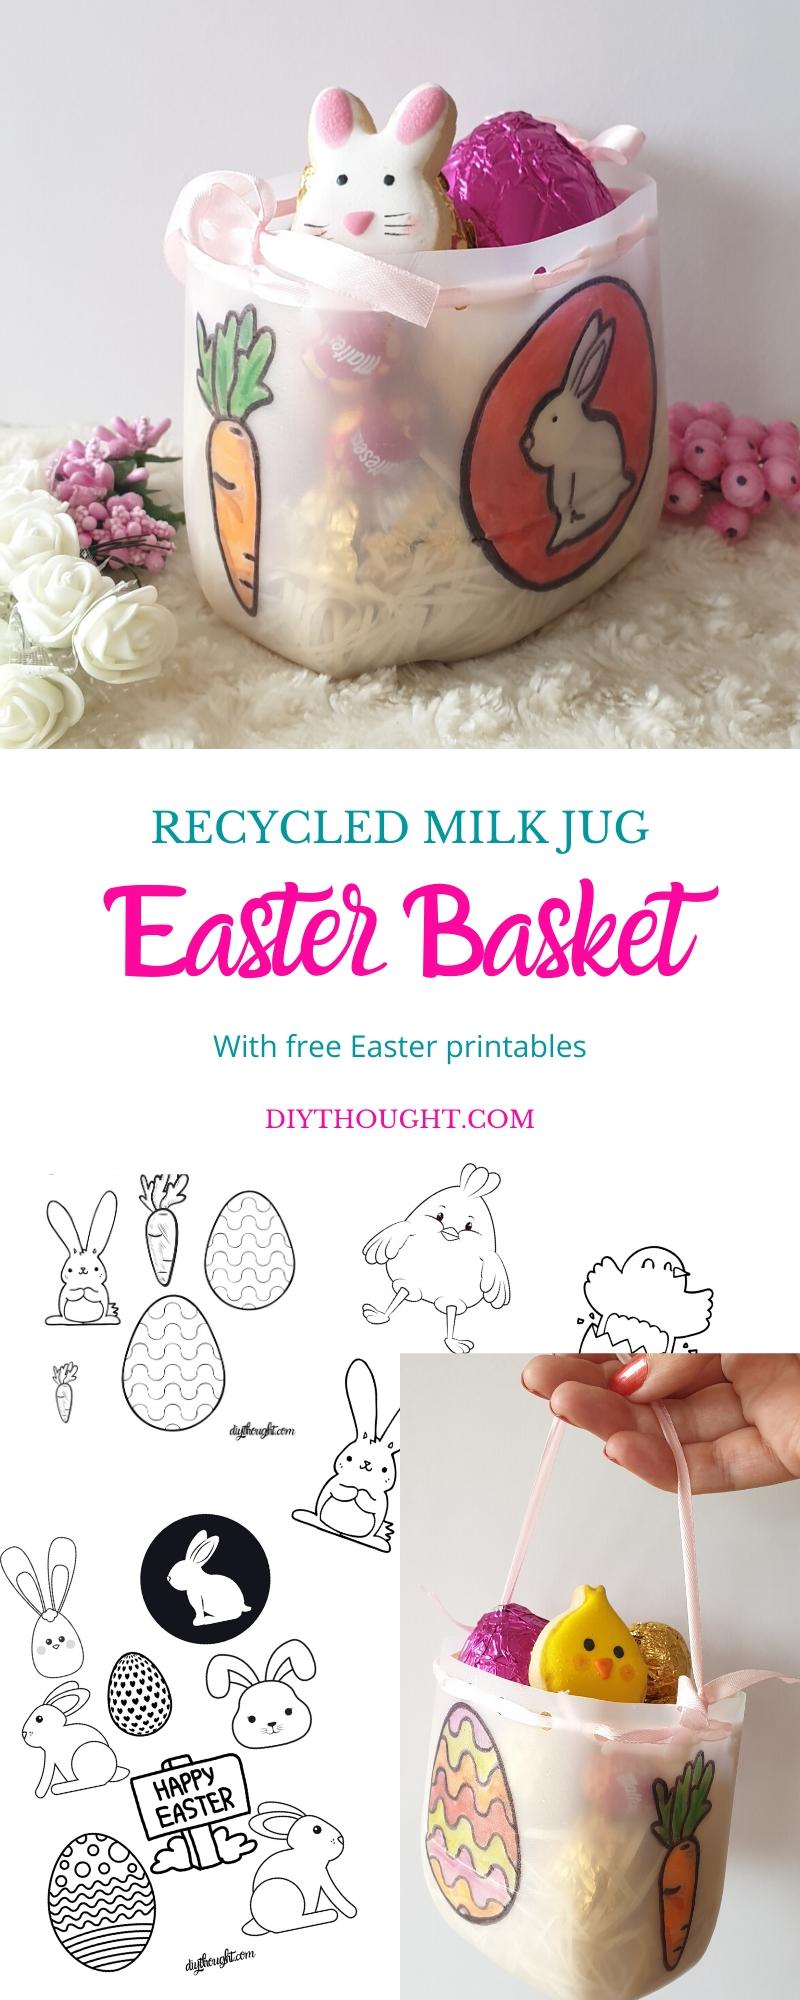 recycled milk jug Easter basket. Free Printables